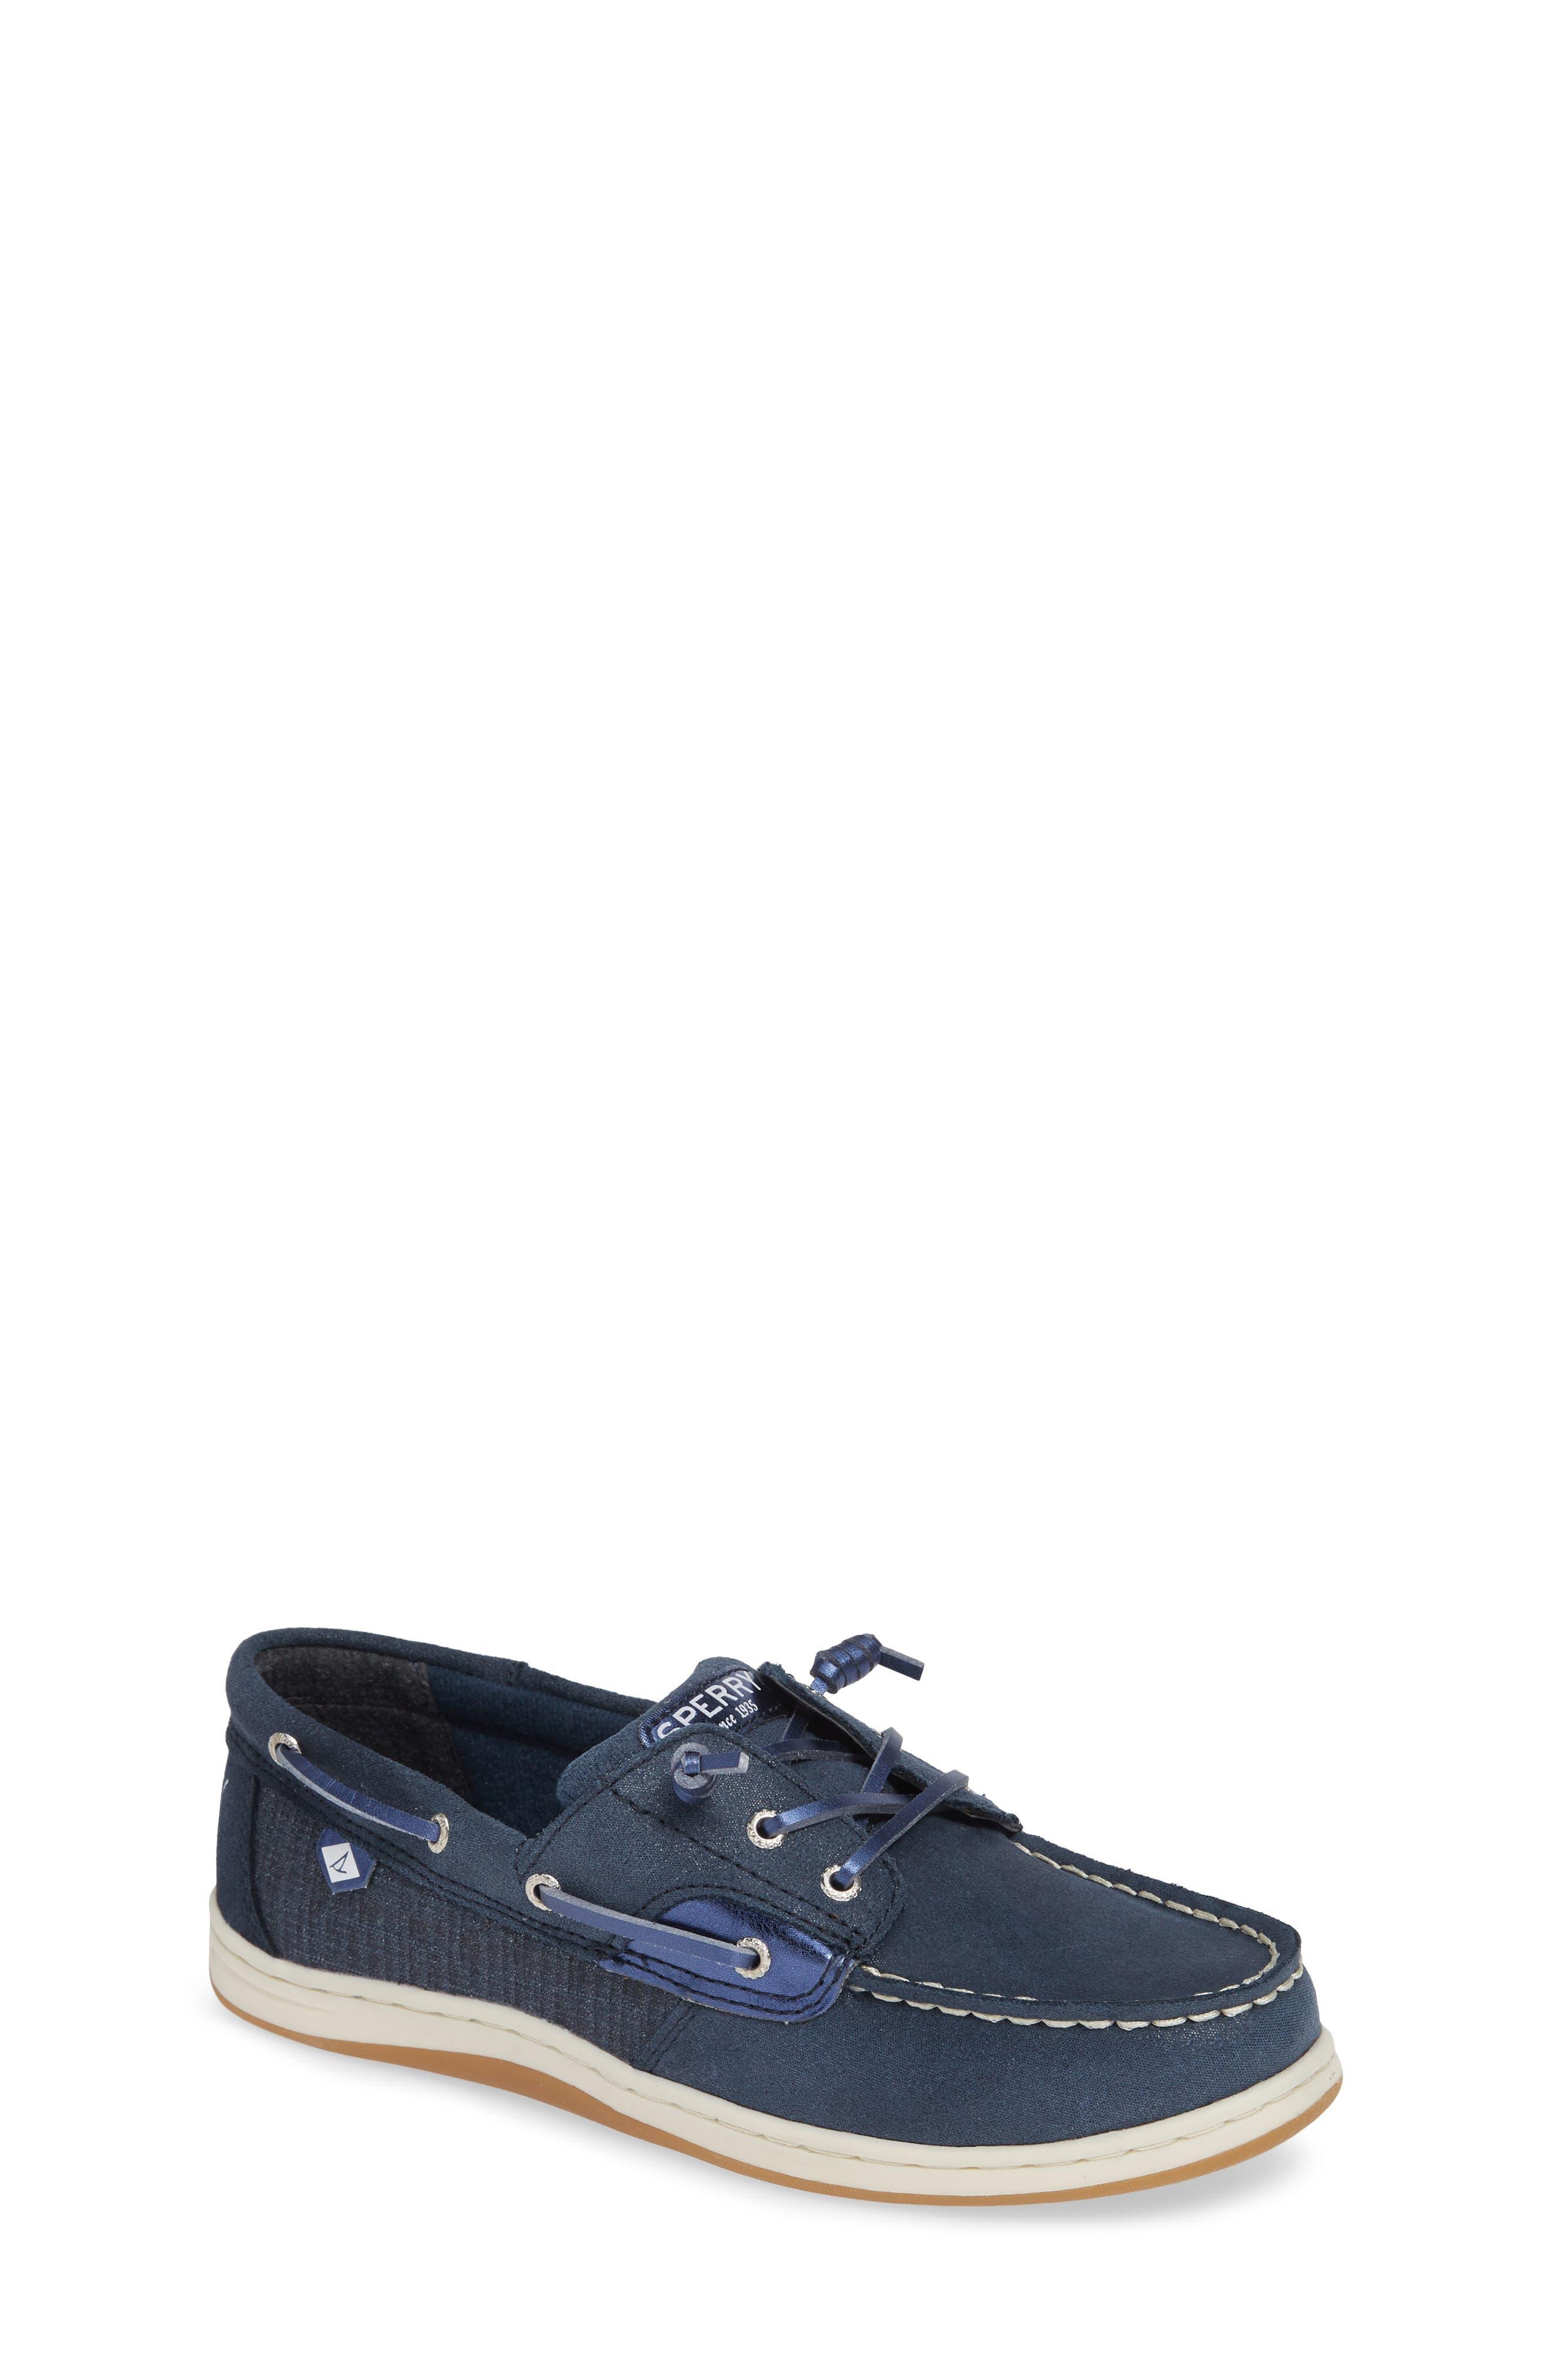 'Songfish Jr' Boat Shoe,                             Main thumbnail 1, color,                             410